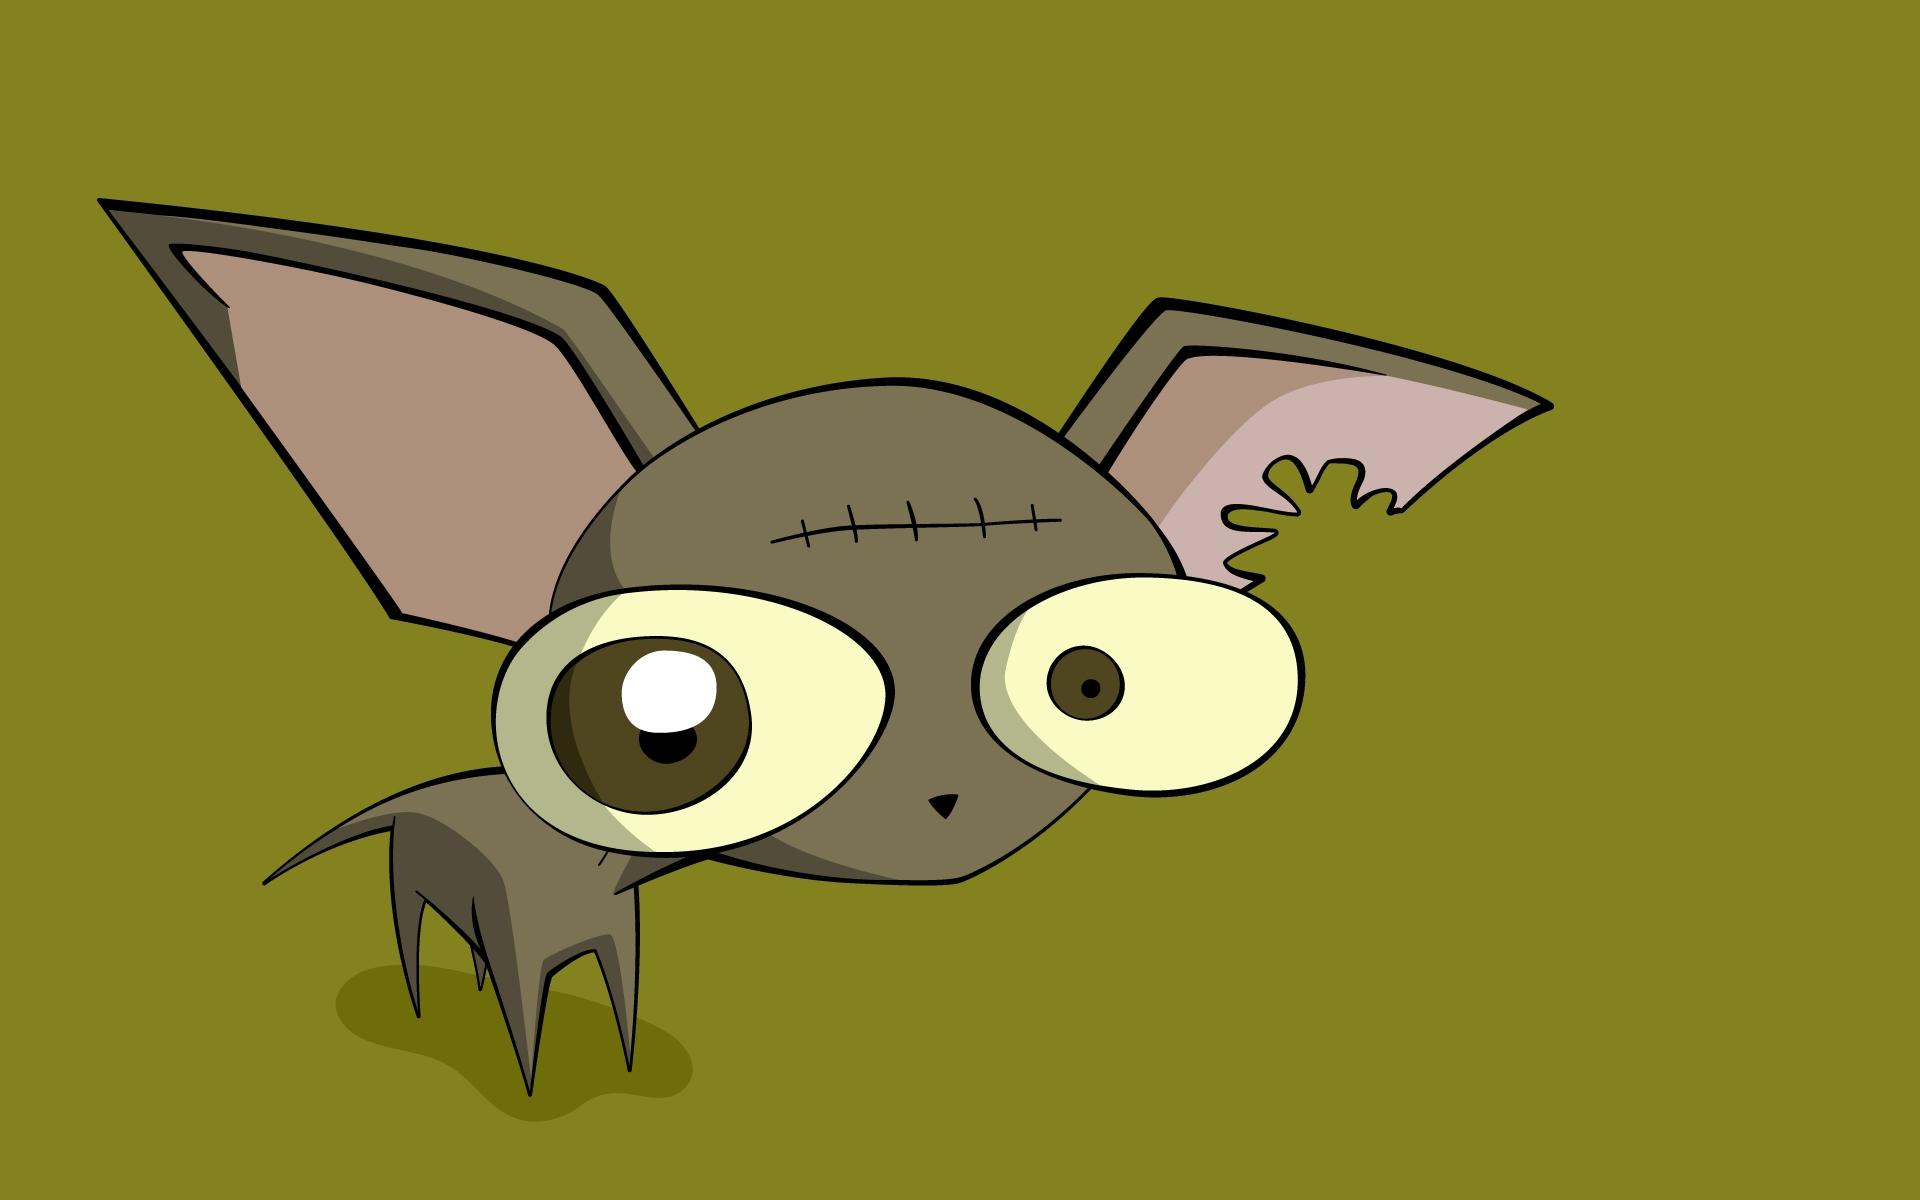 Sfondi : illustrazione occhi anime cartone animato cane sfondo